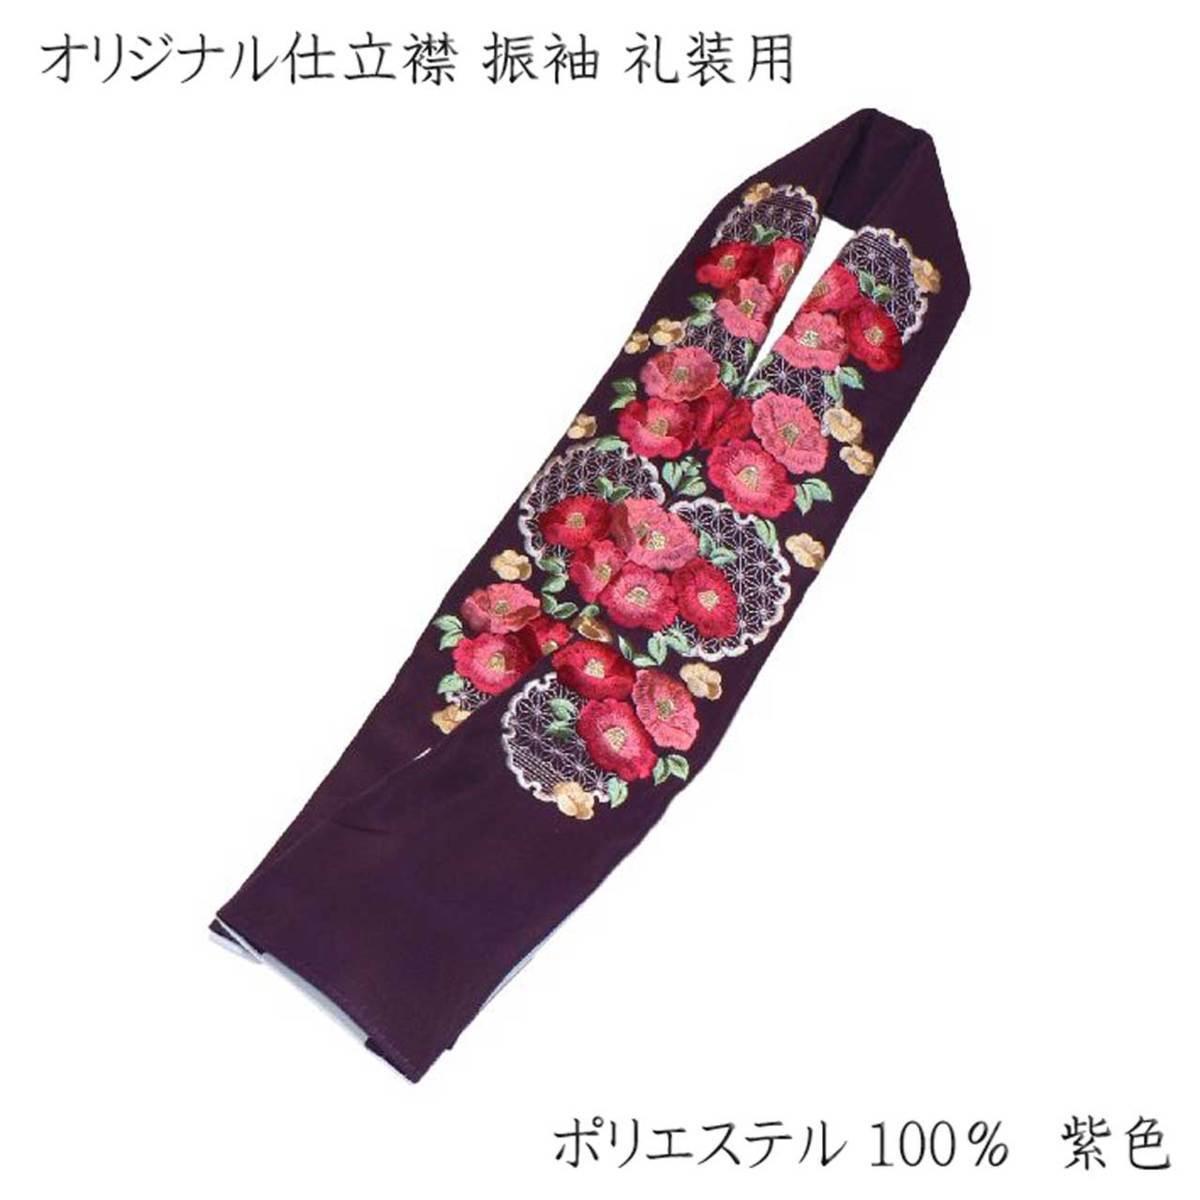 振袖用オリジナル仕立て衿?豪華な刺繍??#24405;y抜き付き。 No,333 襦袢に簡単装着。縫い付けの必要がありません。?#24405;y抜き付き